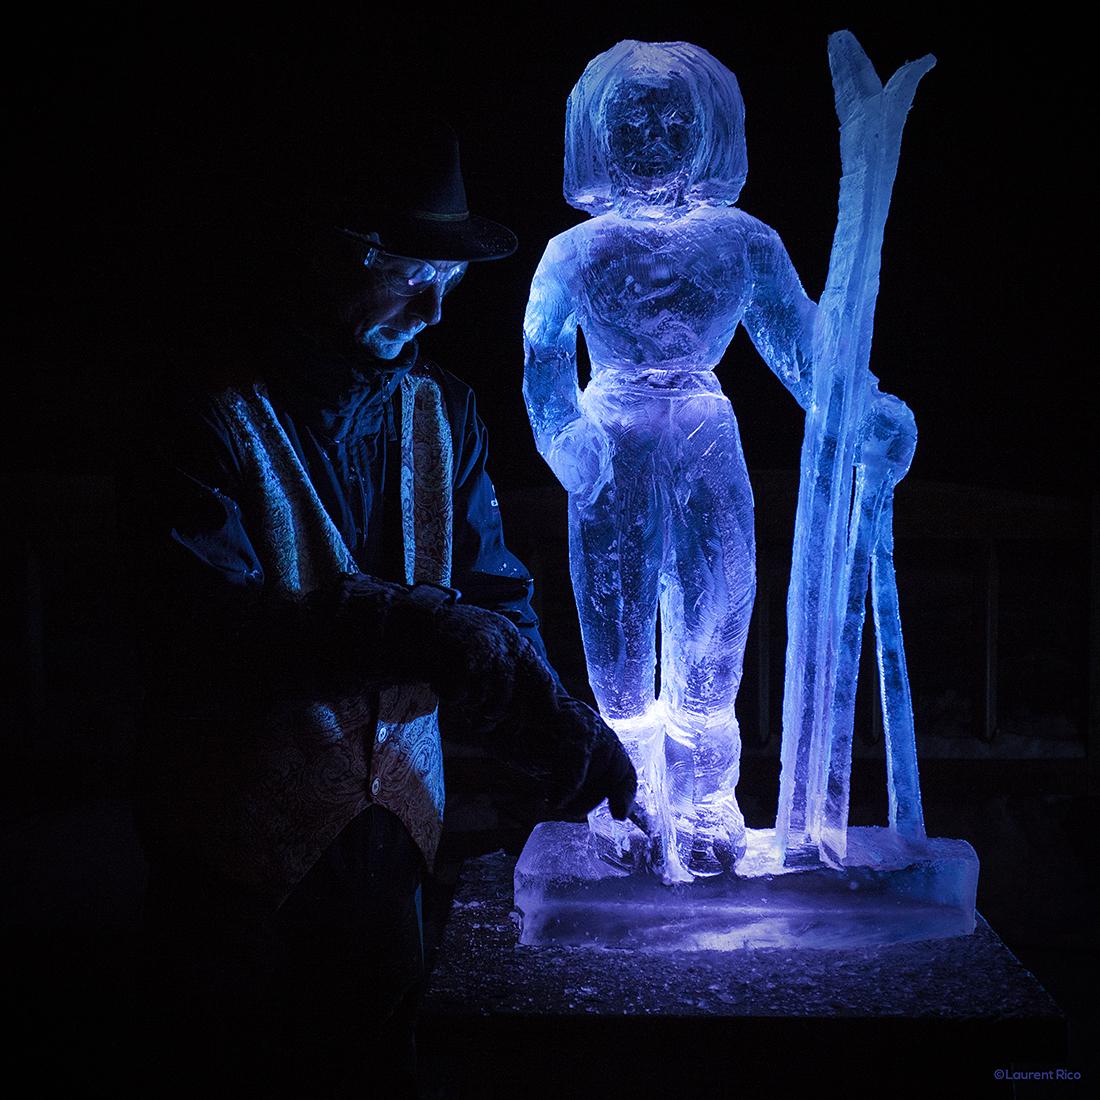 laurent rico-entreprise-creations- realisations-productions audiovisuelles-photographe-savoie-sculpture sur glace-christian burger-artiste-neige